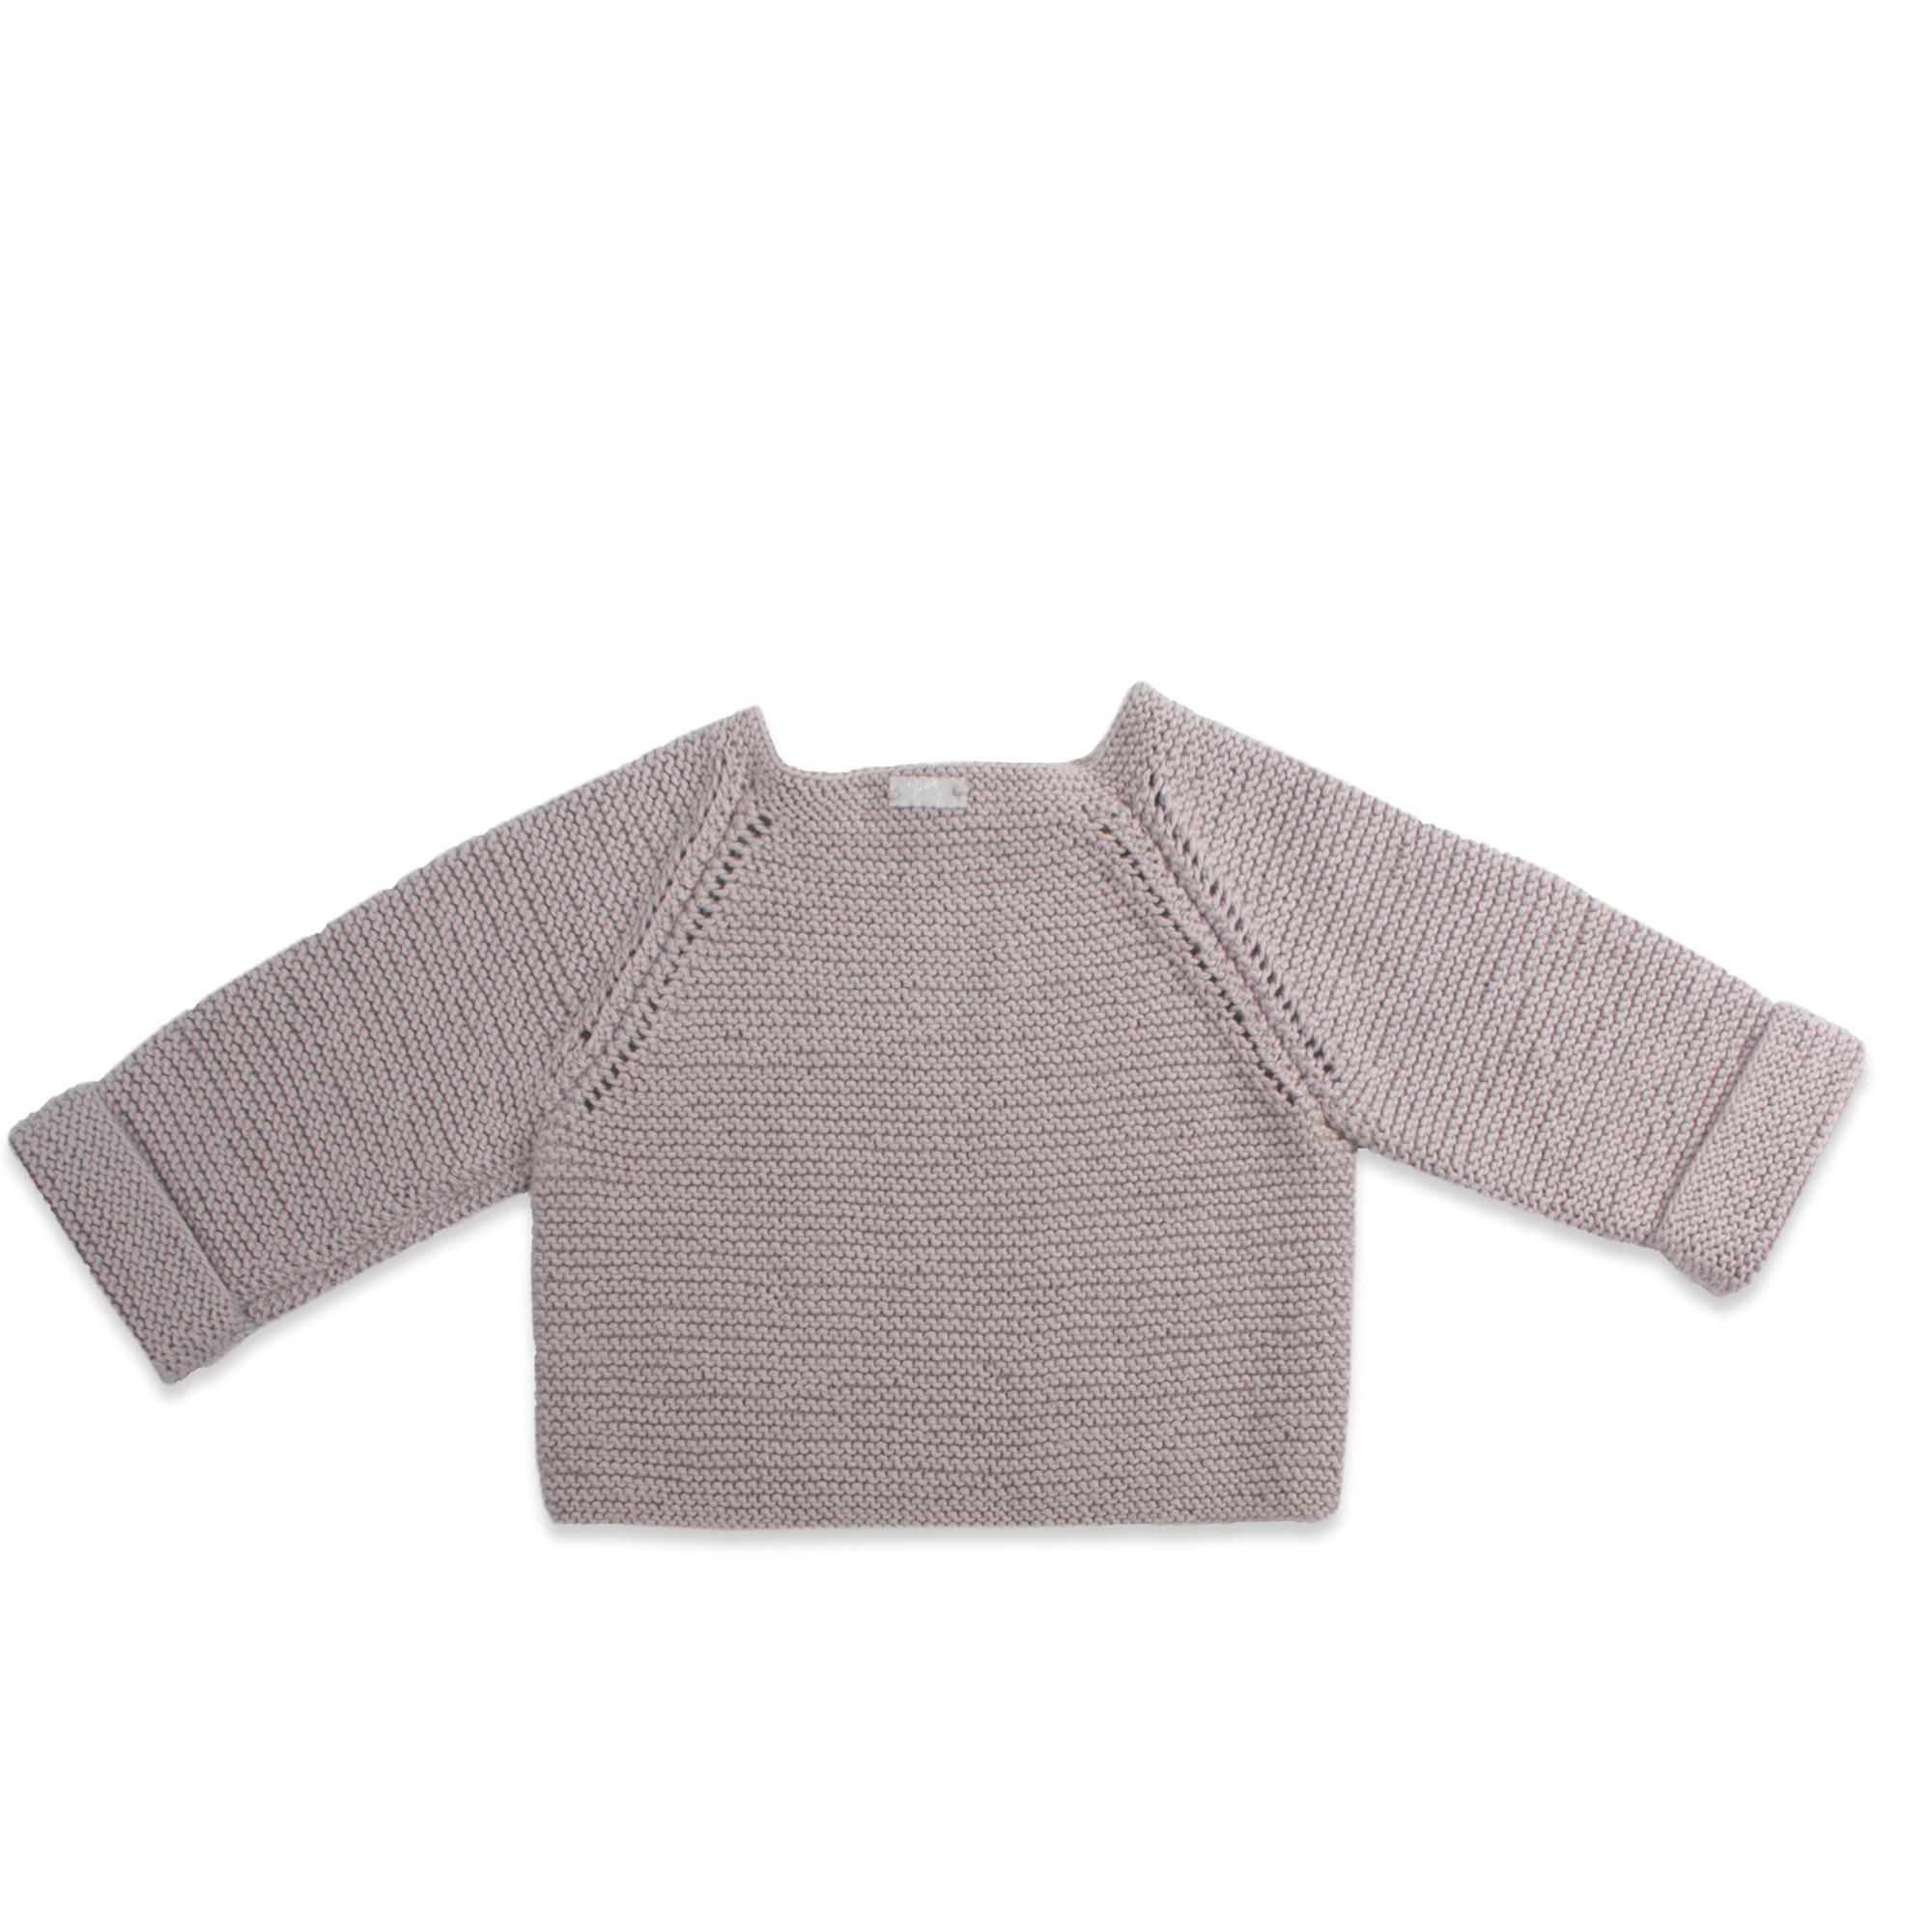 baby girls cardigan light grey garter stitch handknitted